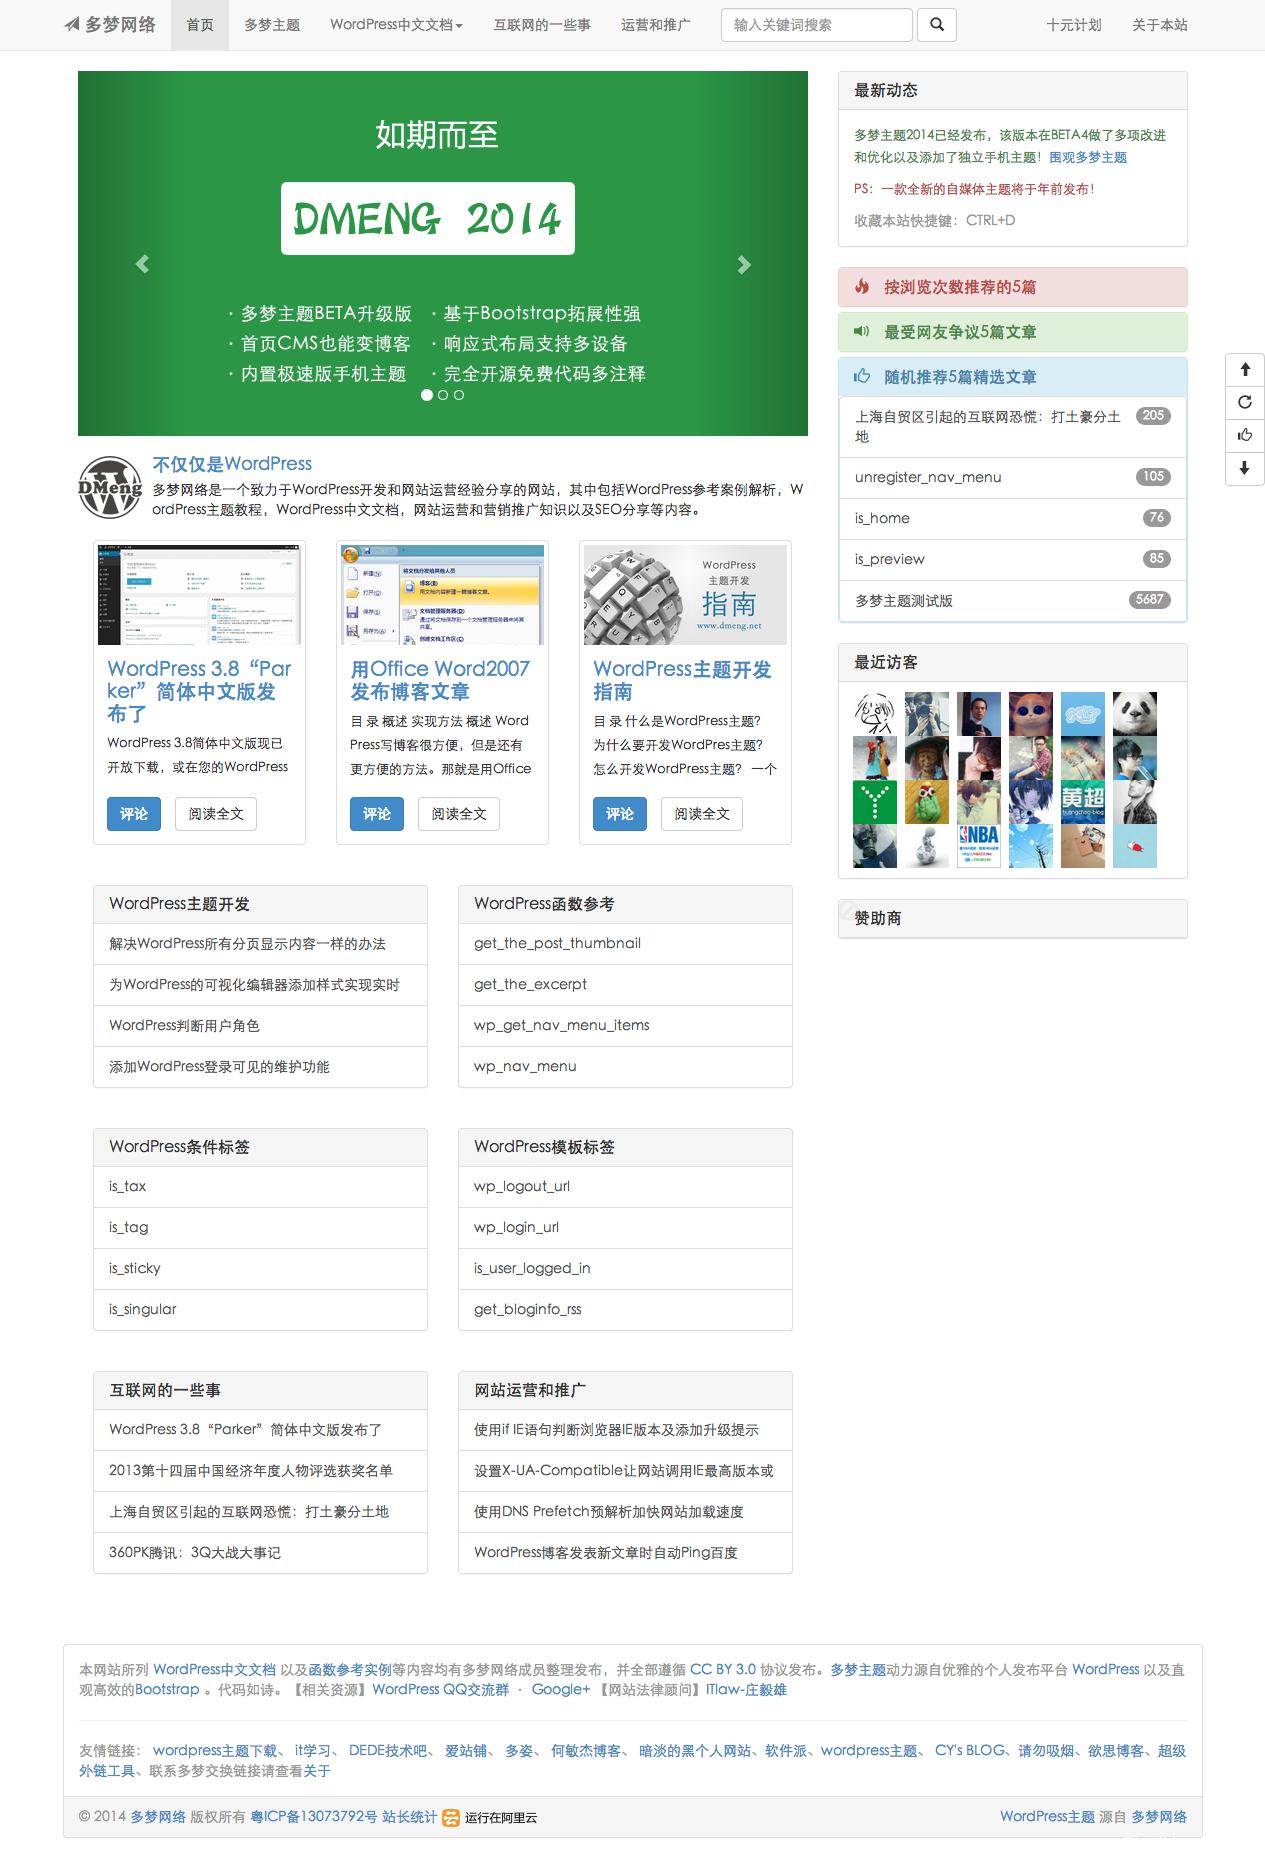 国人原创大气自适应WordPressCMS主题:Dmeng2014